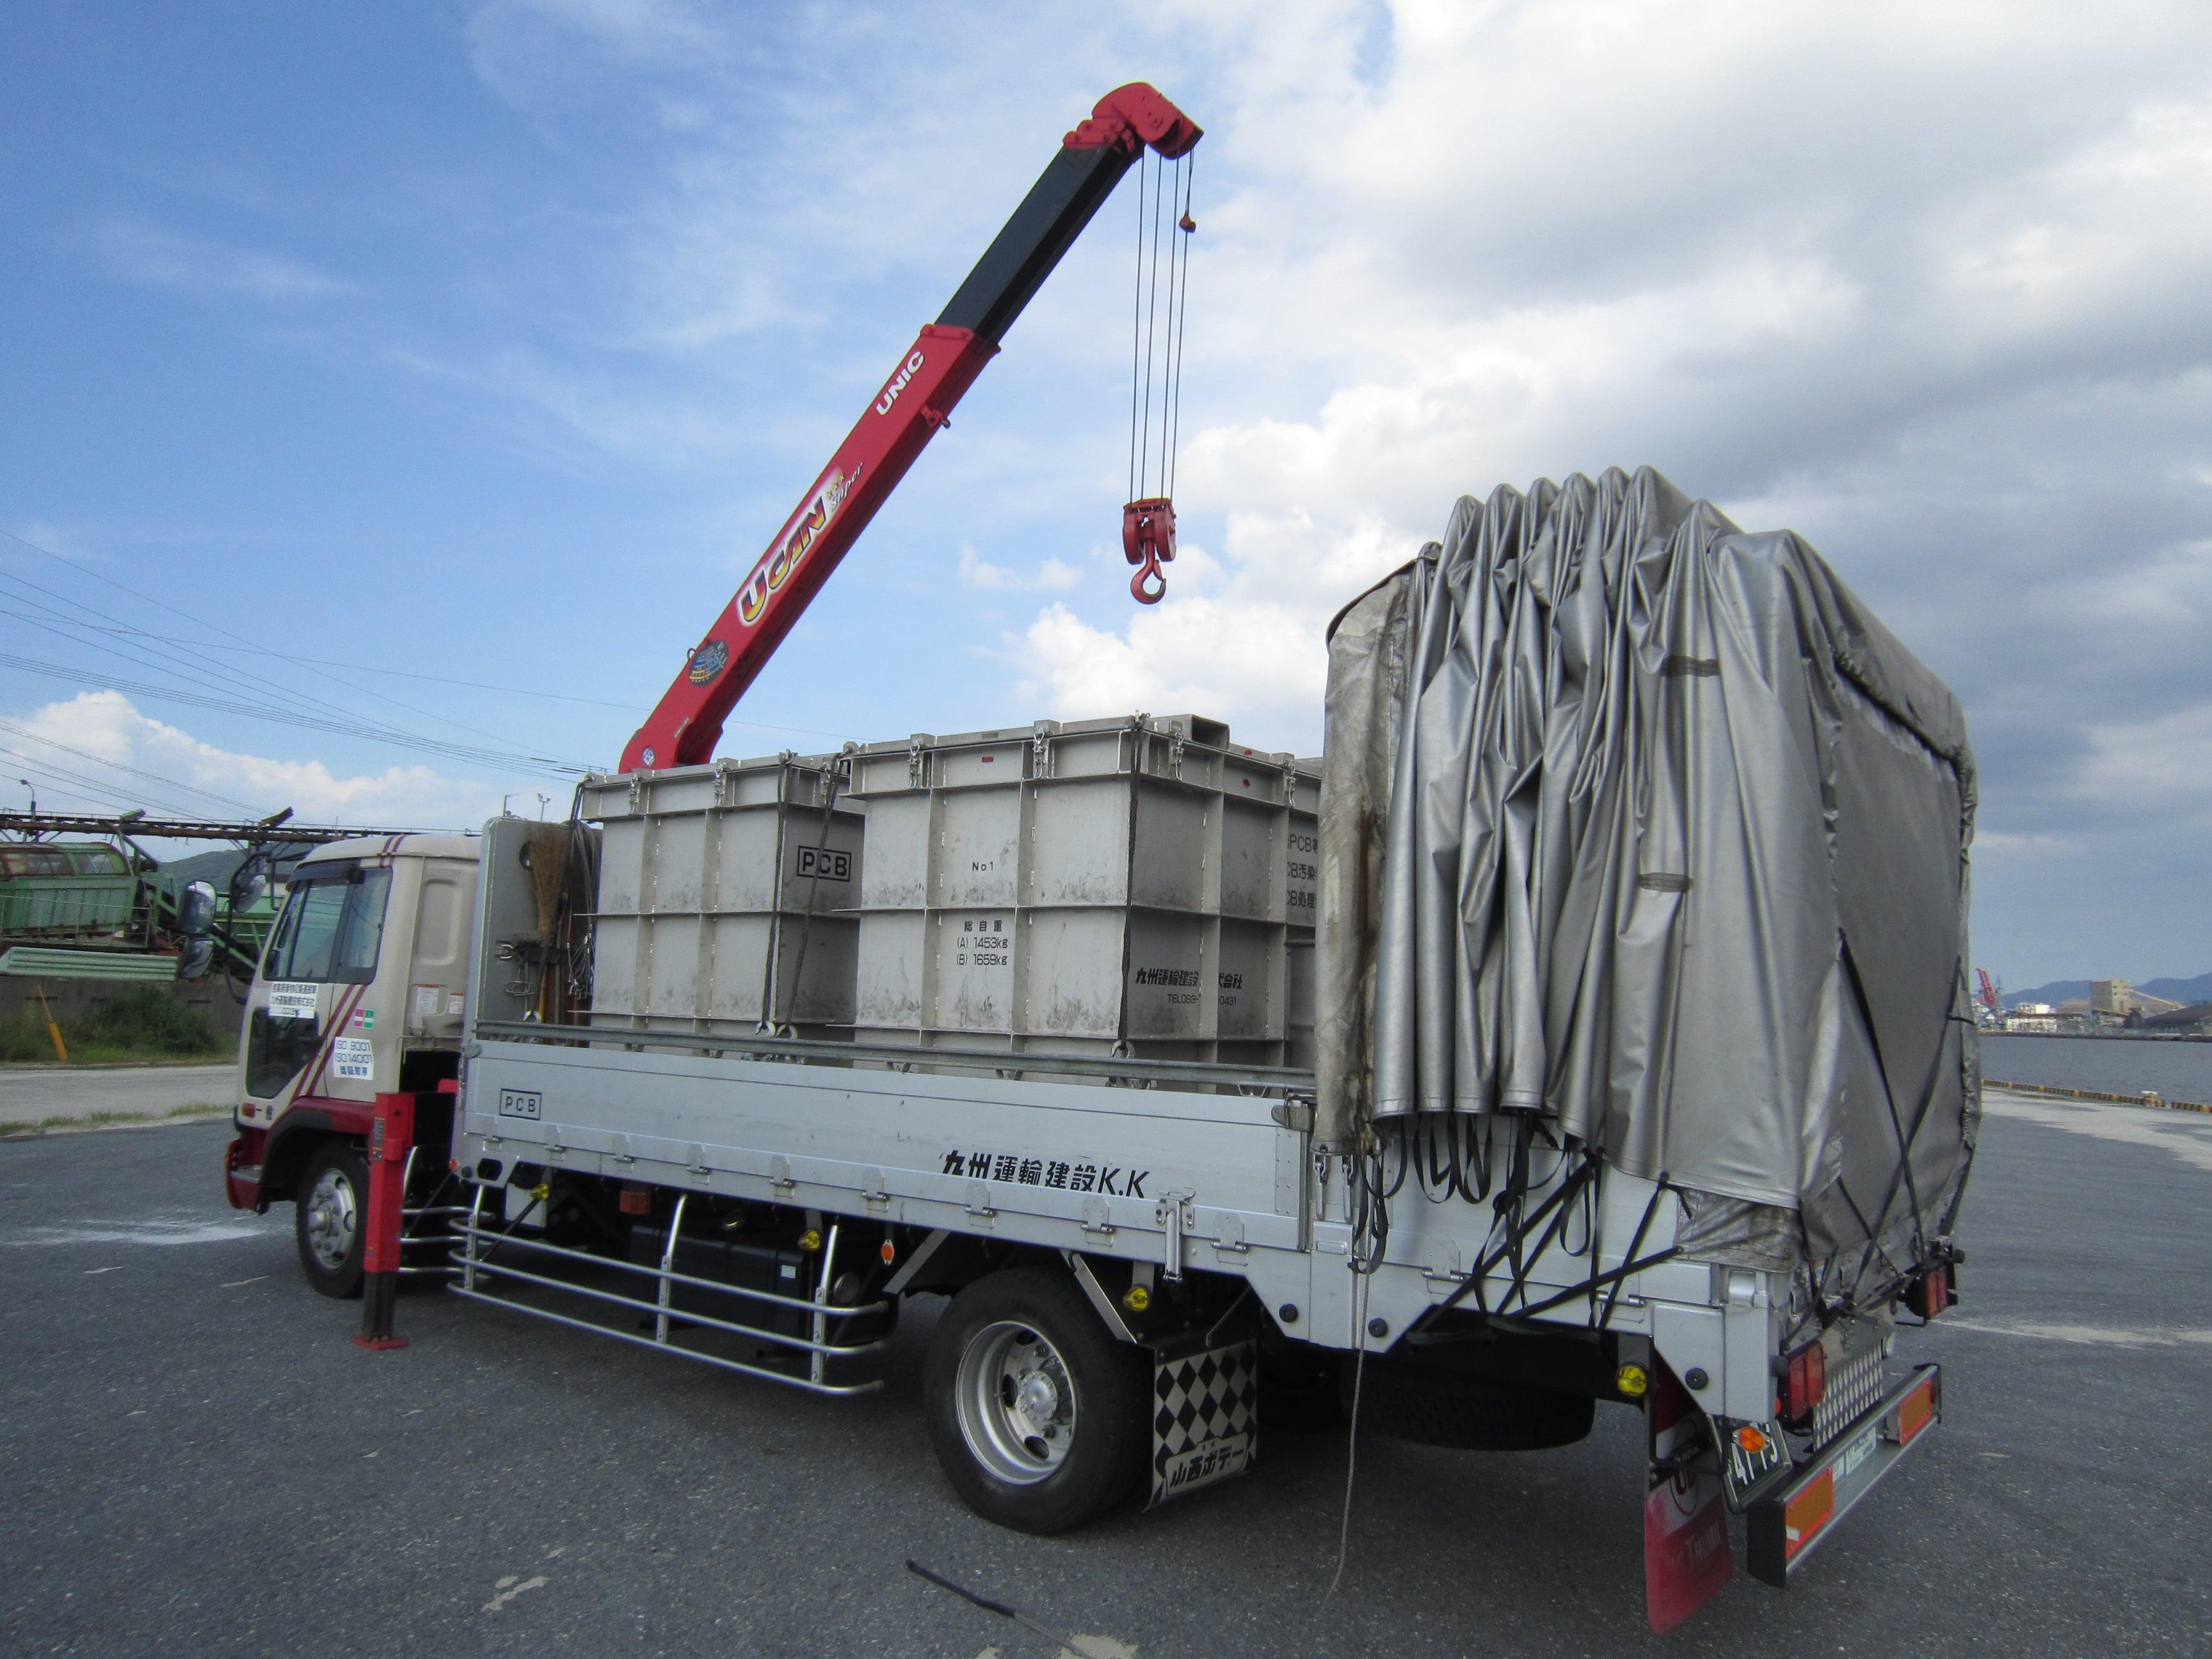 PCB運搬車|産業廃棄物収集運搬|九州運輸建設株式会社|北九州市